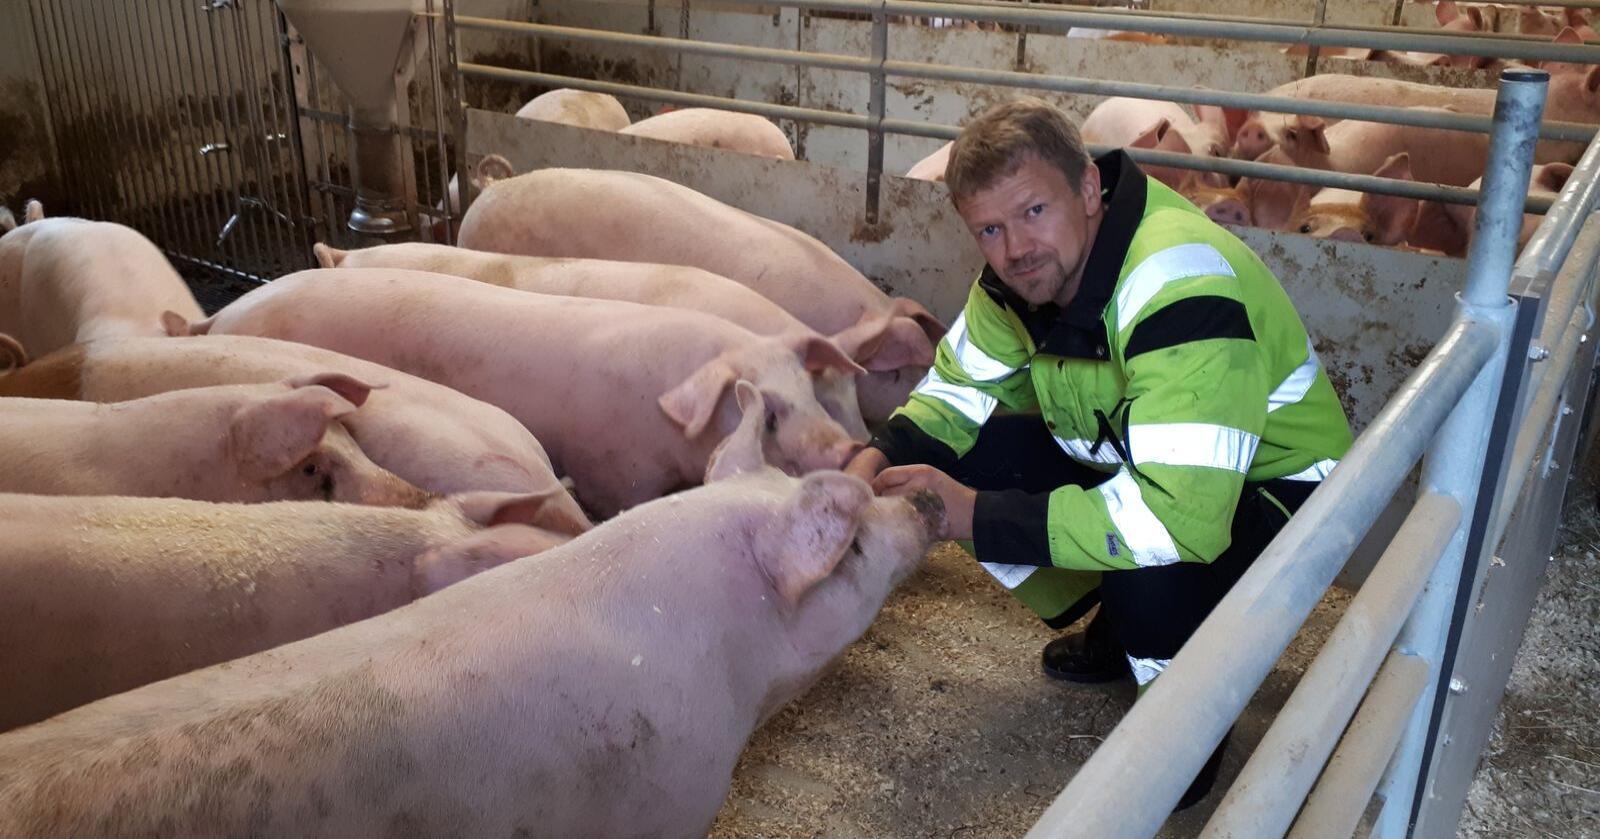 Jostein Sørhus har tre tomme rom i grisehuset. Han mener konsesjonsgrensa bør økes midlertidig i dagens situasjon. Bondelagsleder Lars Petter Bartnes advarer. – Dersom det settes opp en brakkerigg ved en skolebygning, har den en tendens til å bli stående i 20 år, sier han. (Foto: Privat)